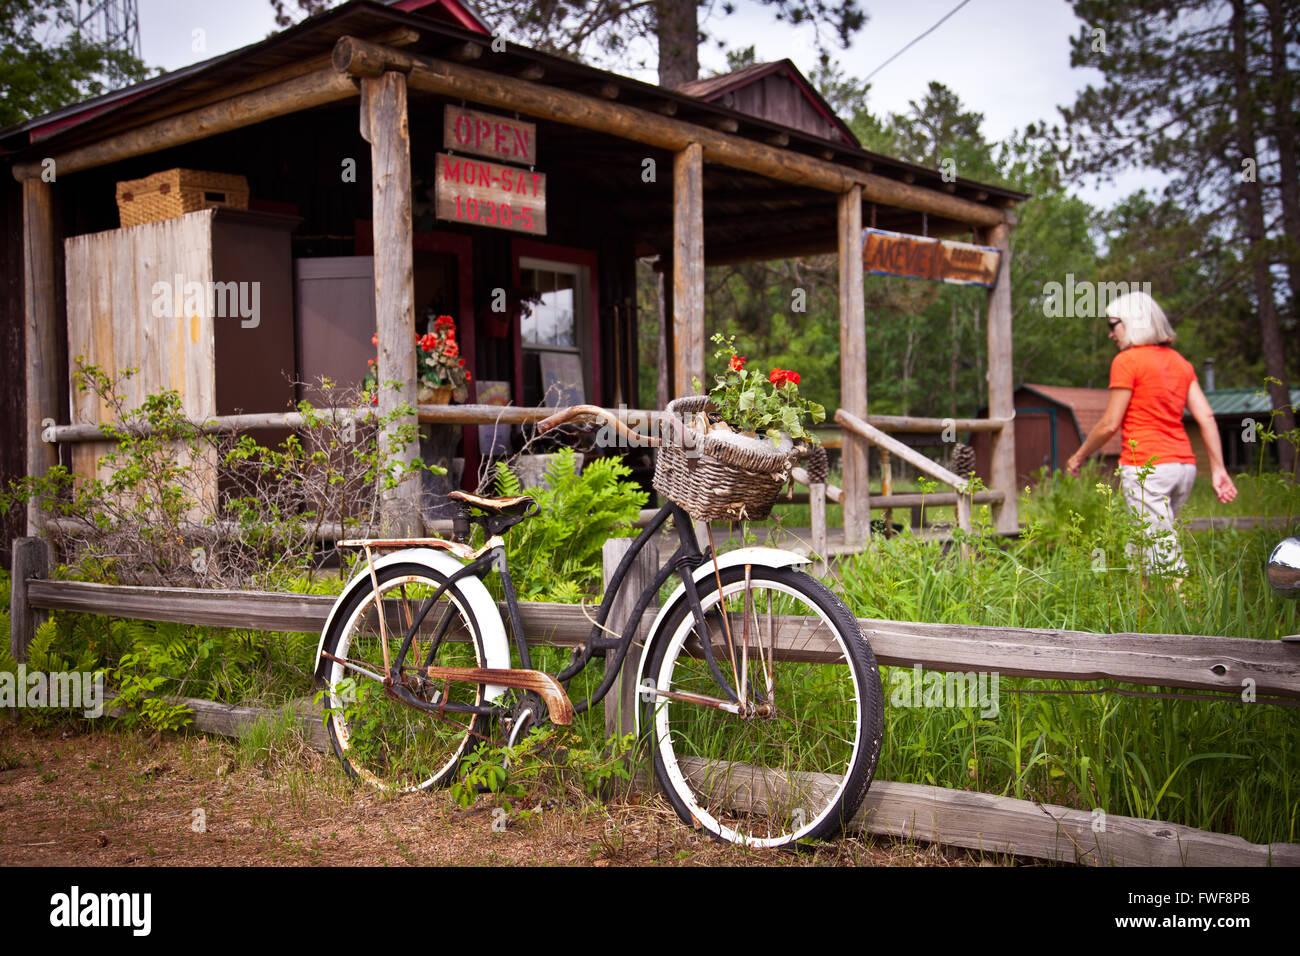 Country store dans le Northwoods dans la région de Land O'Lakes, Wisconsin Banque D'Images